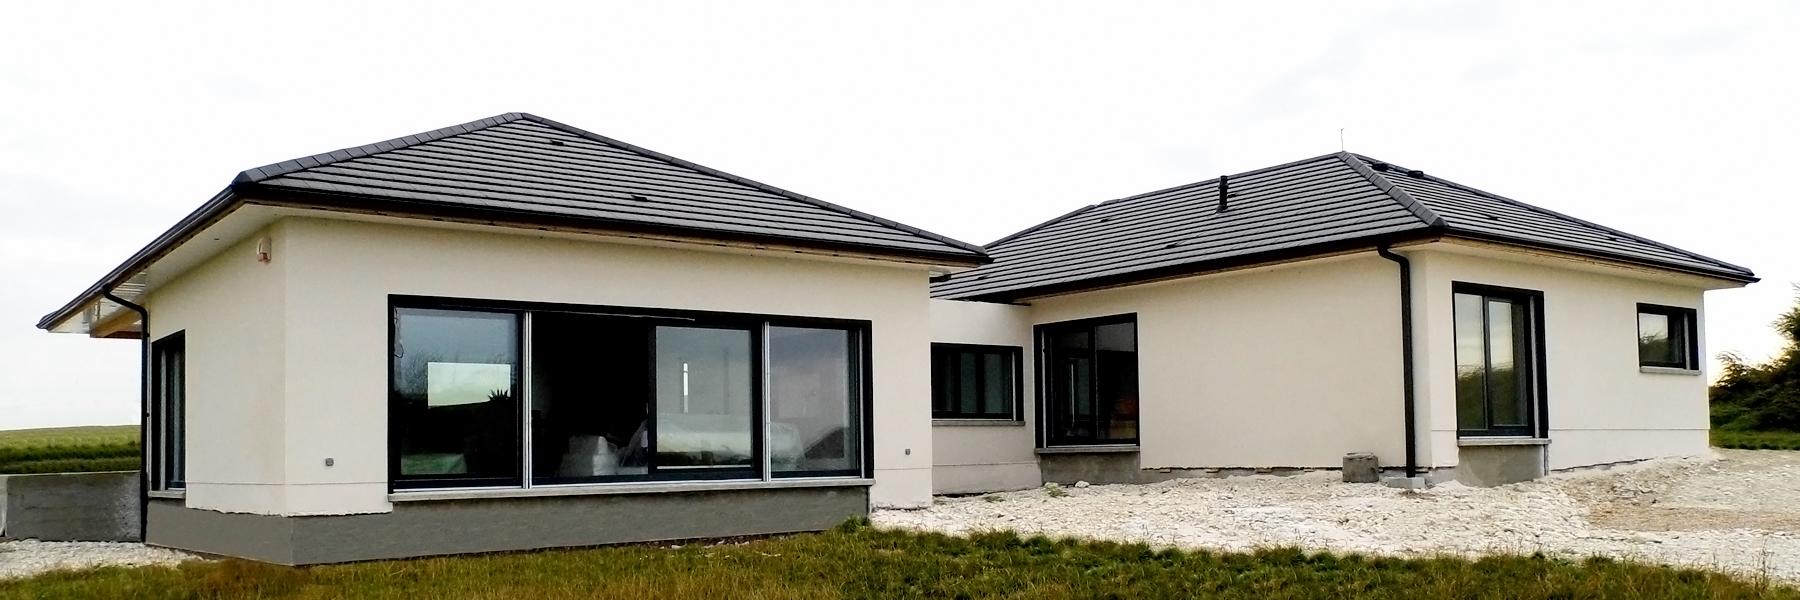 maison ossature bois autoconstruction prix l 39 habis. Black Bedroom Furniture Sets. Home Design Ideas